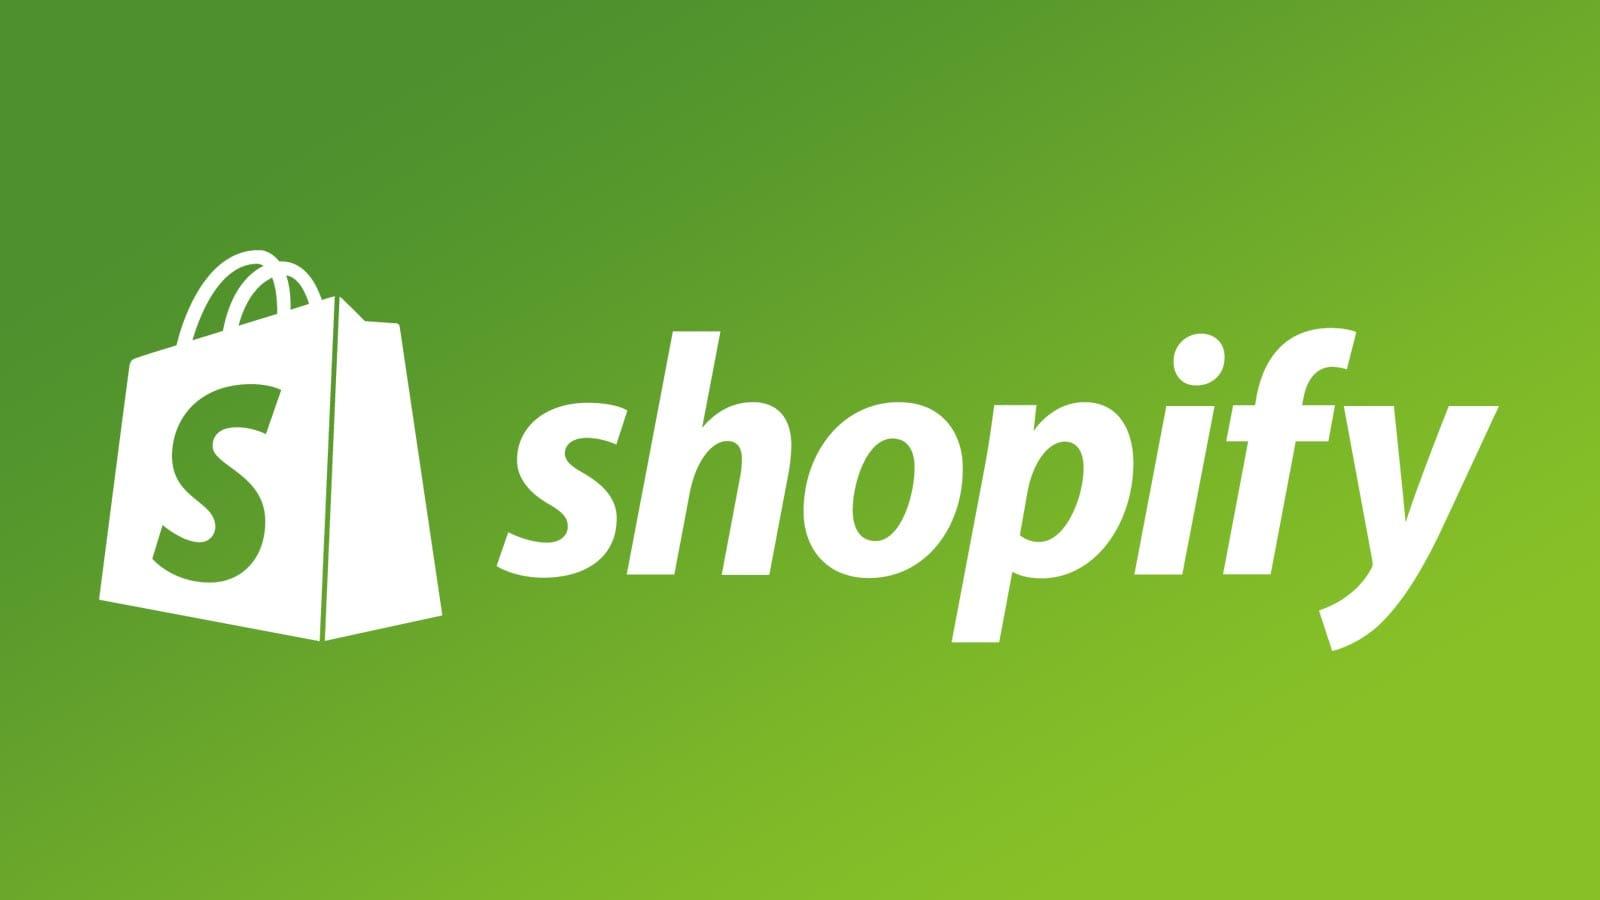 Home Business Online Store Tools for Moms - MompreneurAdvice.com